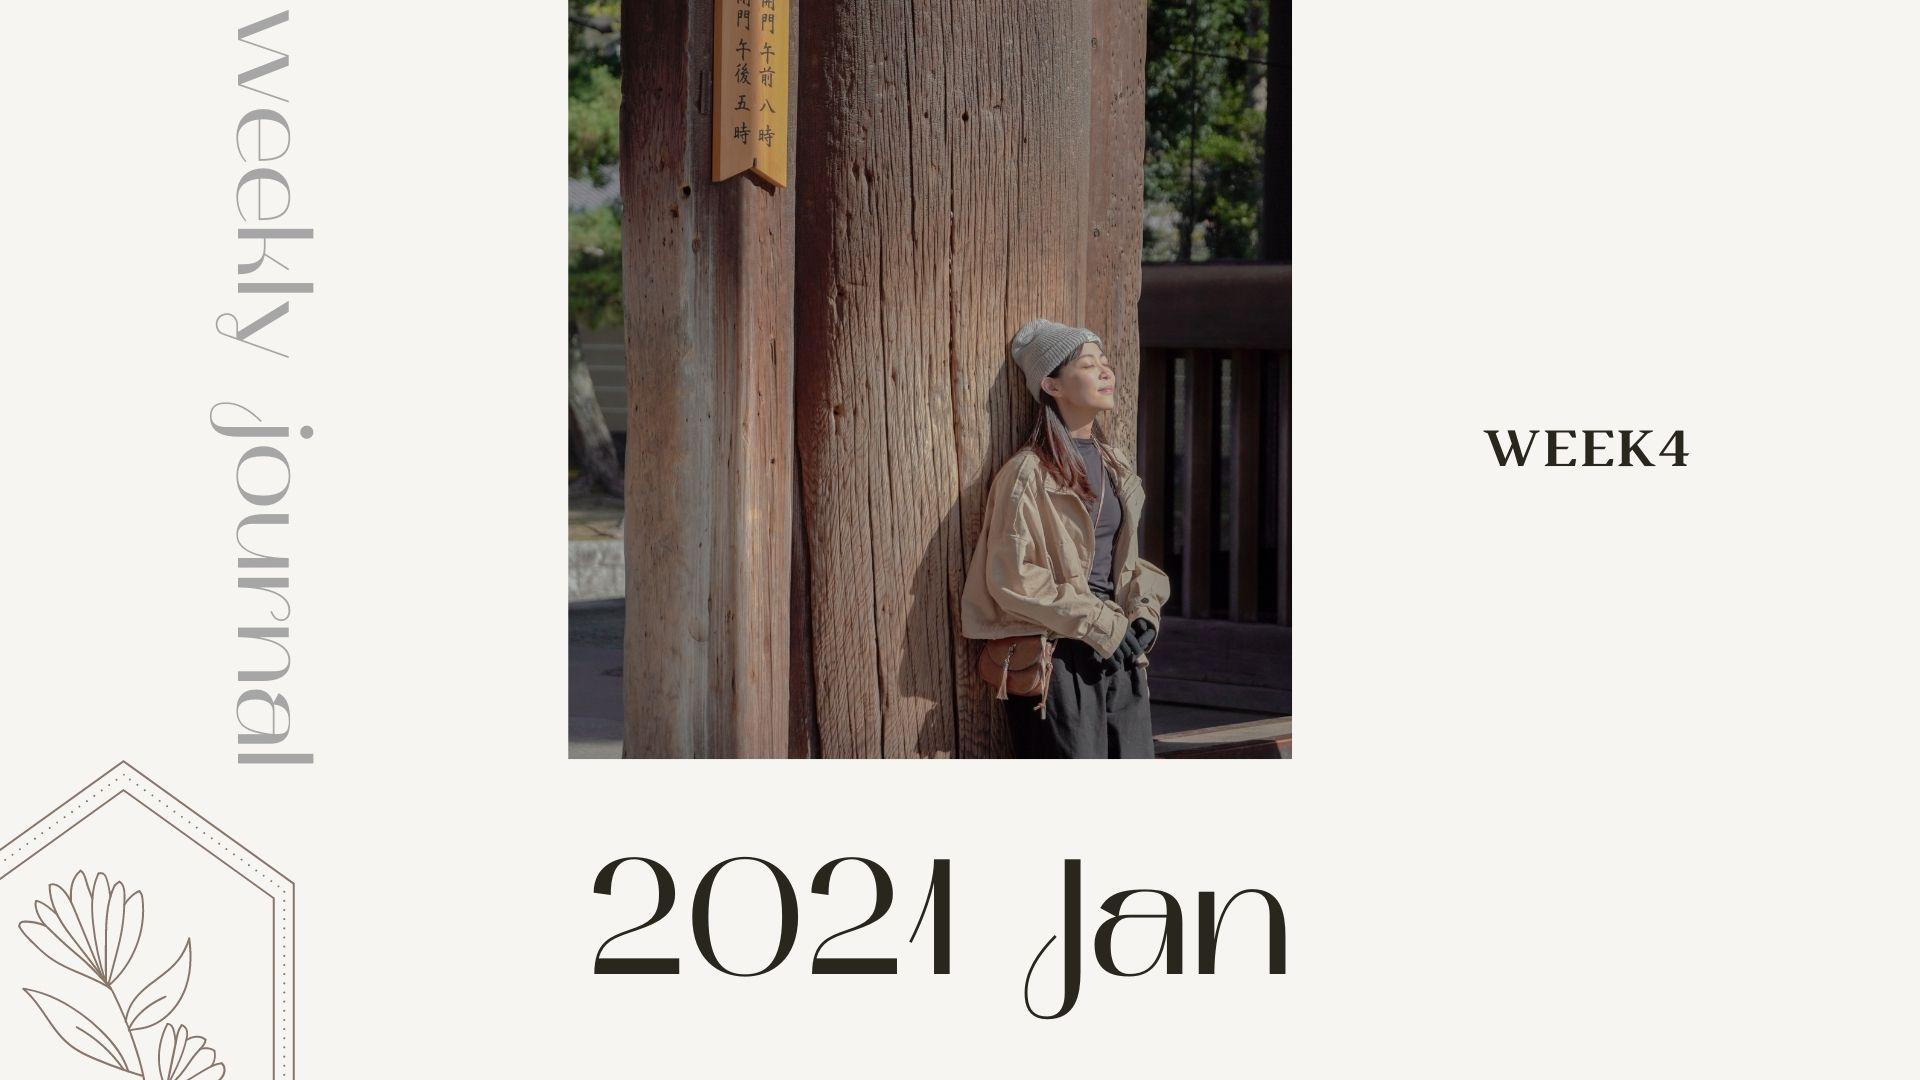 2021生活週記_JAN04| 哈利波特演奏會、瘋狂股市、我的一行日記